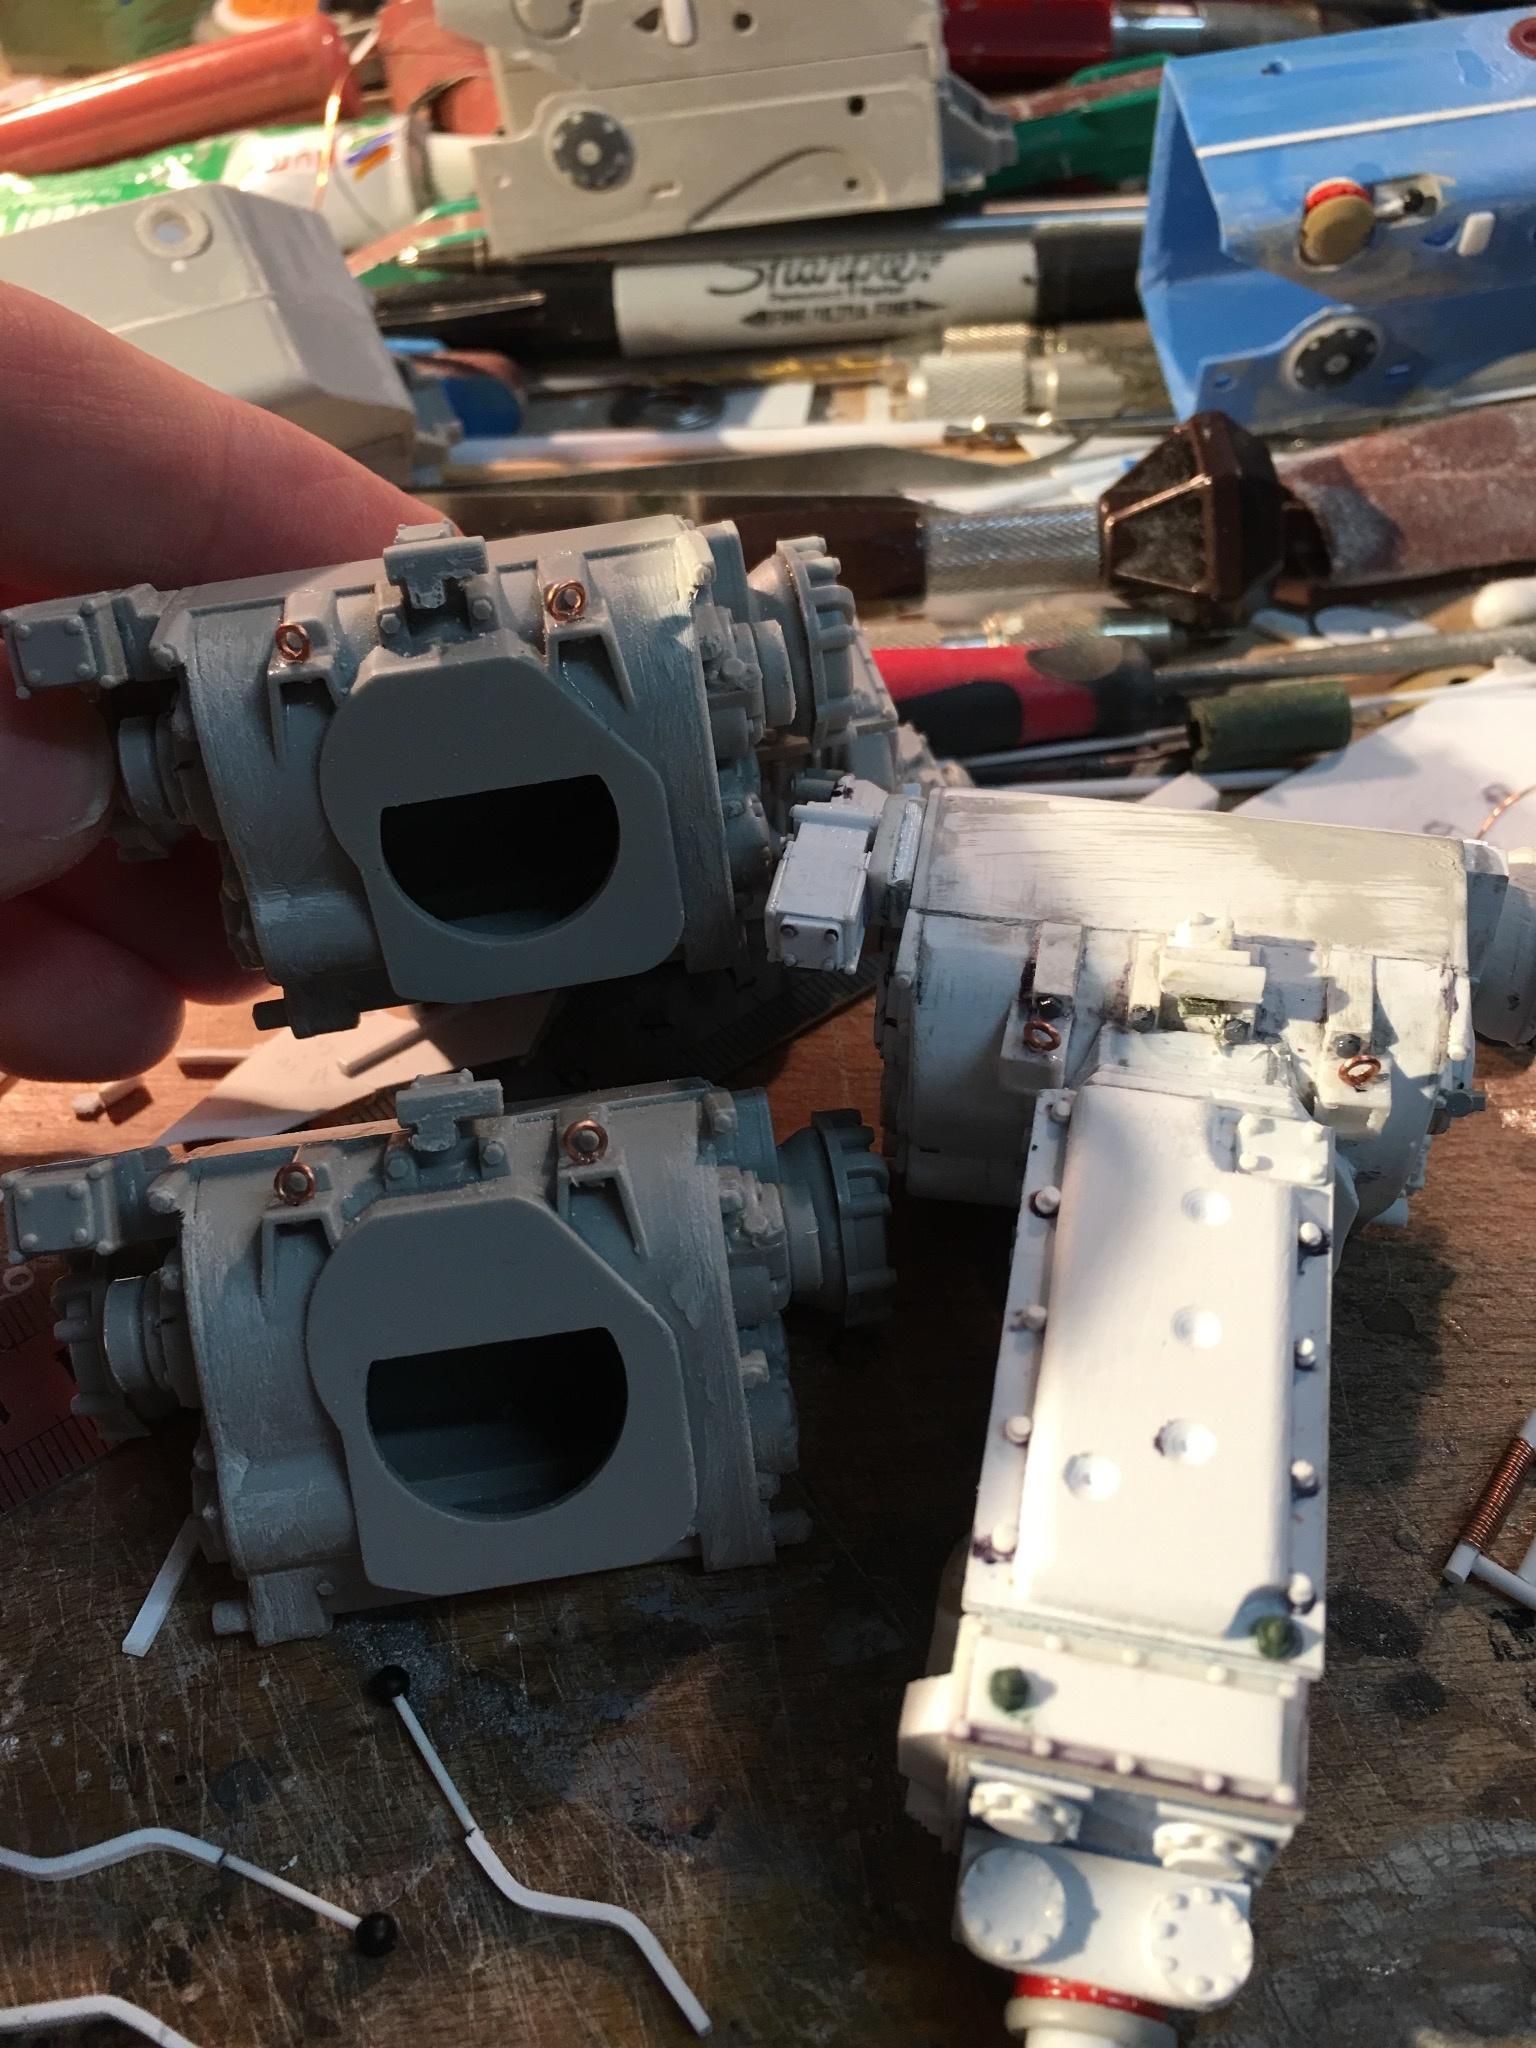 FFC52929-65C5-4FE1-ABEC-67EF75E7B4A3.jpeg